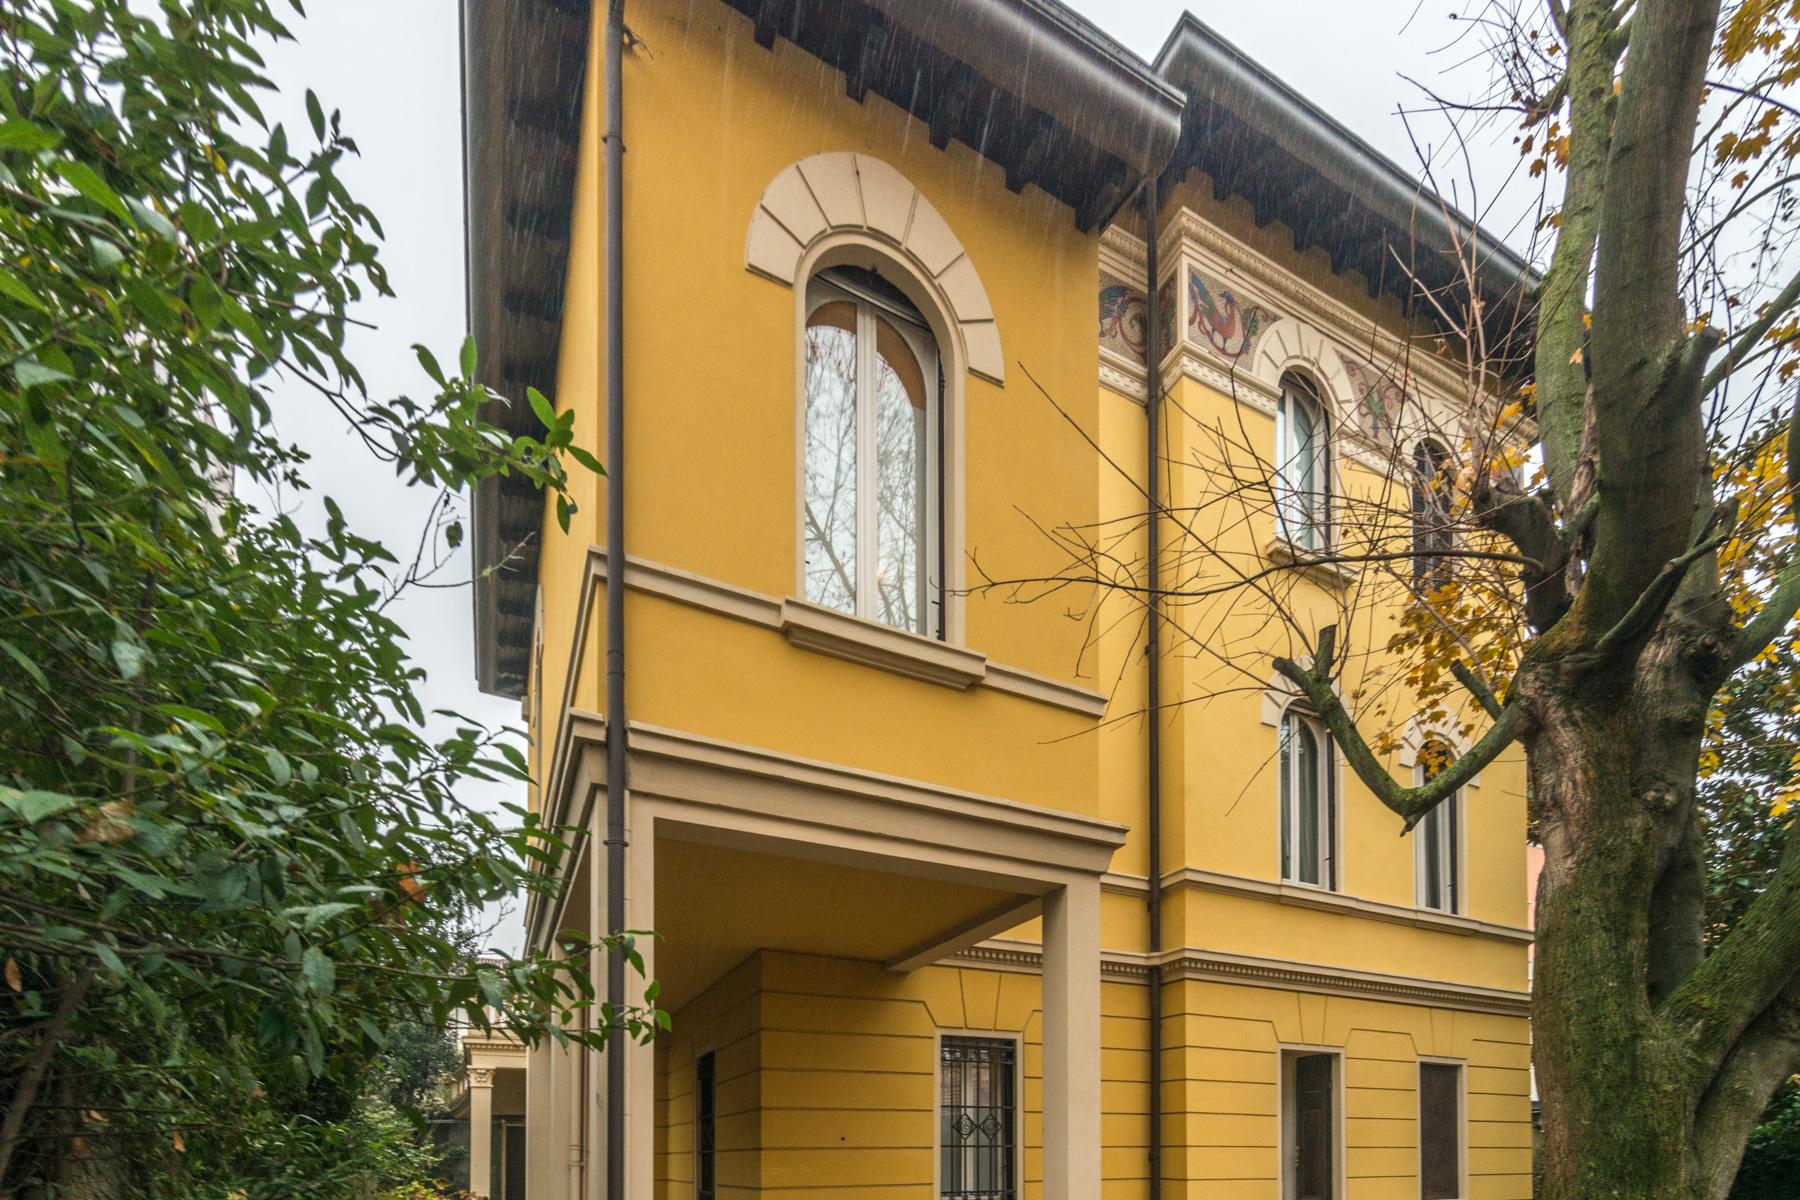 Villa in Vendita a Pavia Centro: 5 locali, 320 mq